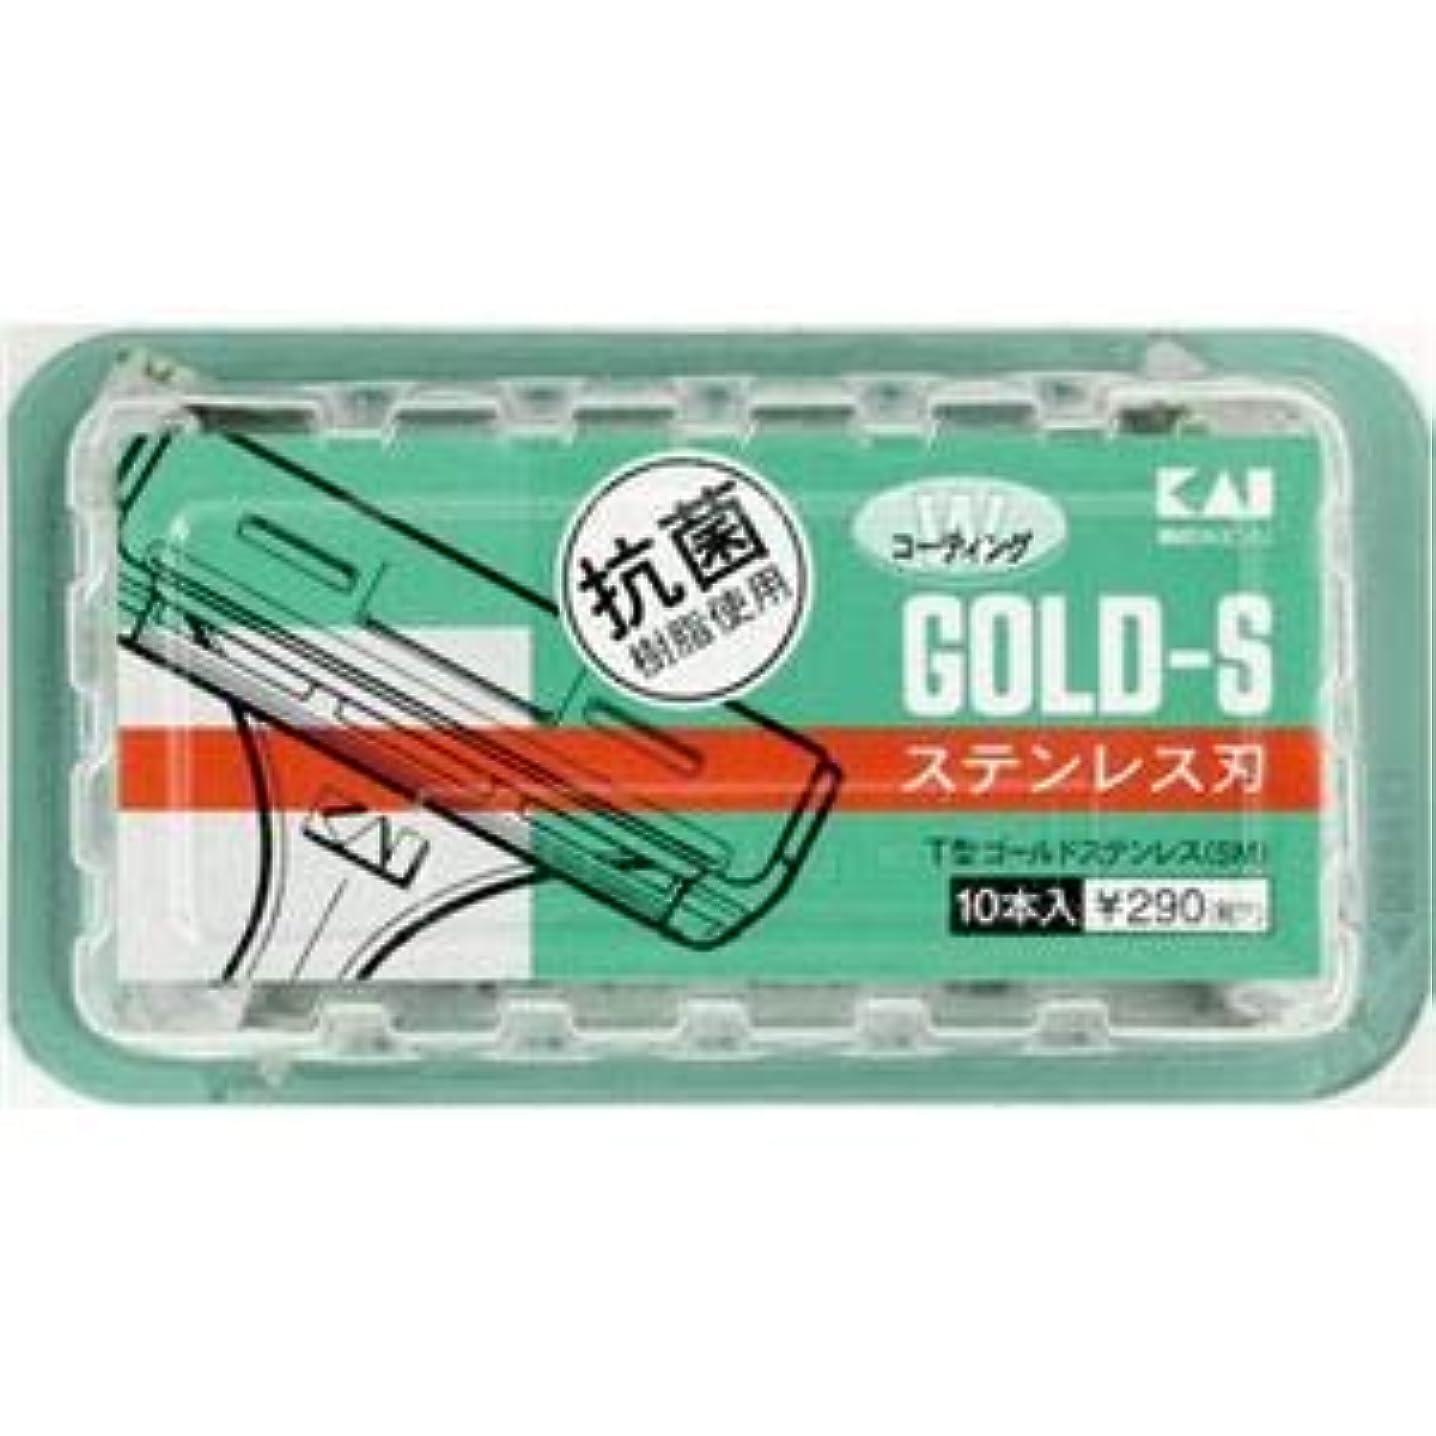 ロースト拘束メッセンジャー(業務用20セット) 貝印 T型ゴールドステンレスSM10本